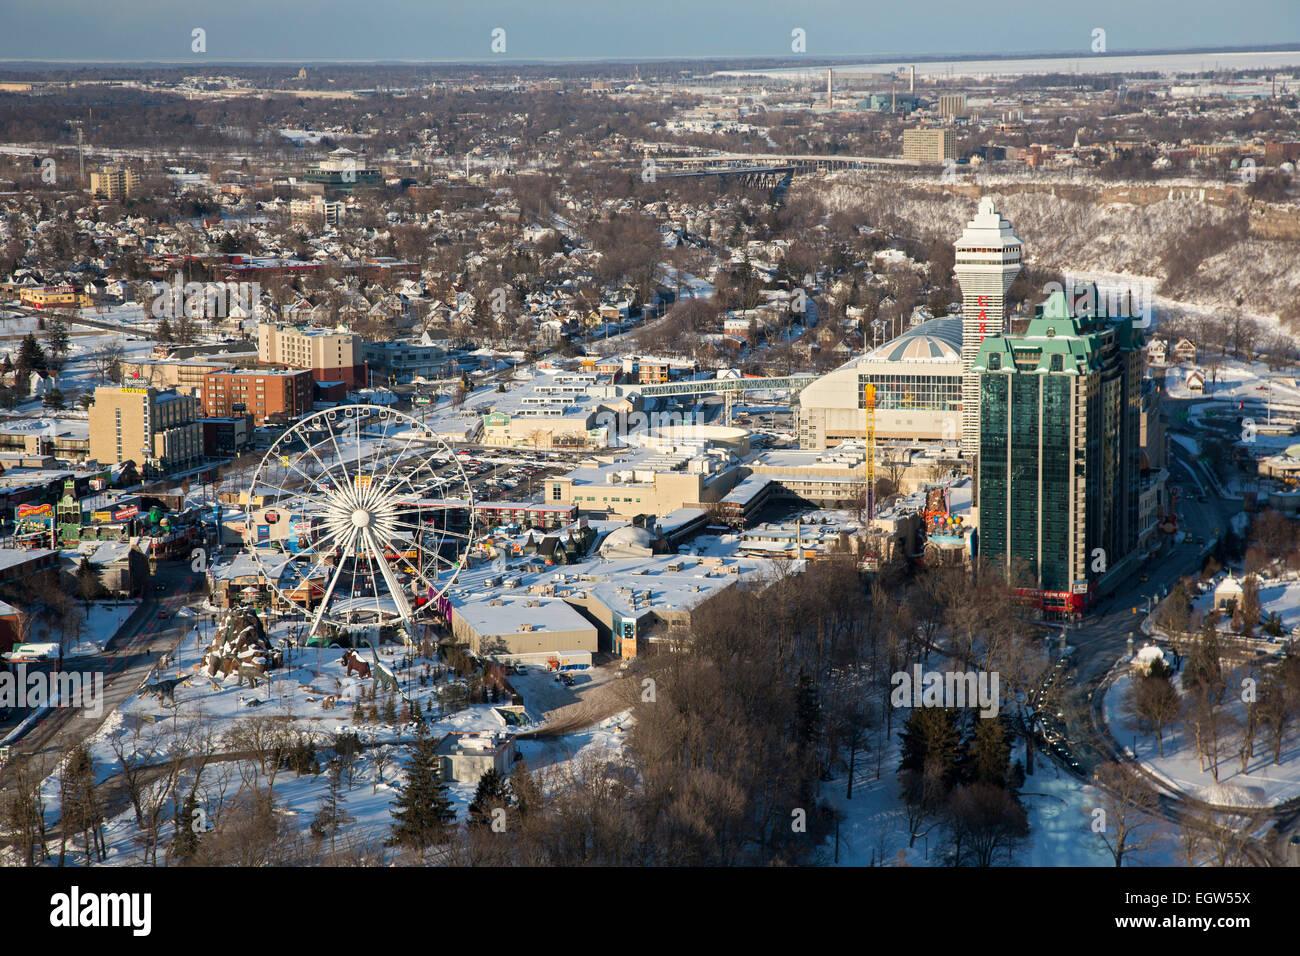 Niagara Falls, Ontario - The city of Niagara Falls, Ontario in winter. The Clifton Hill tourist entertainment district. - Stock Image